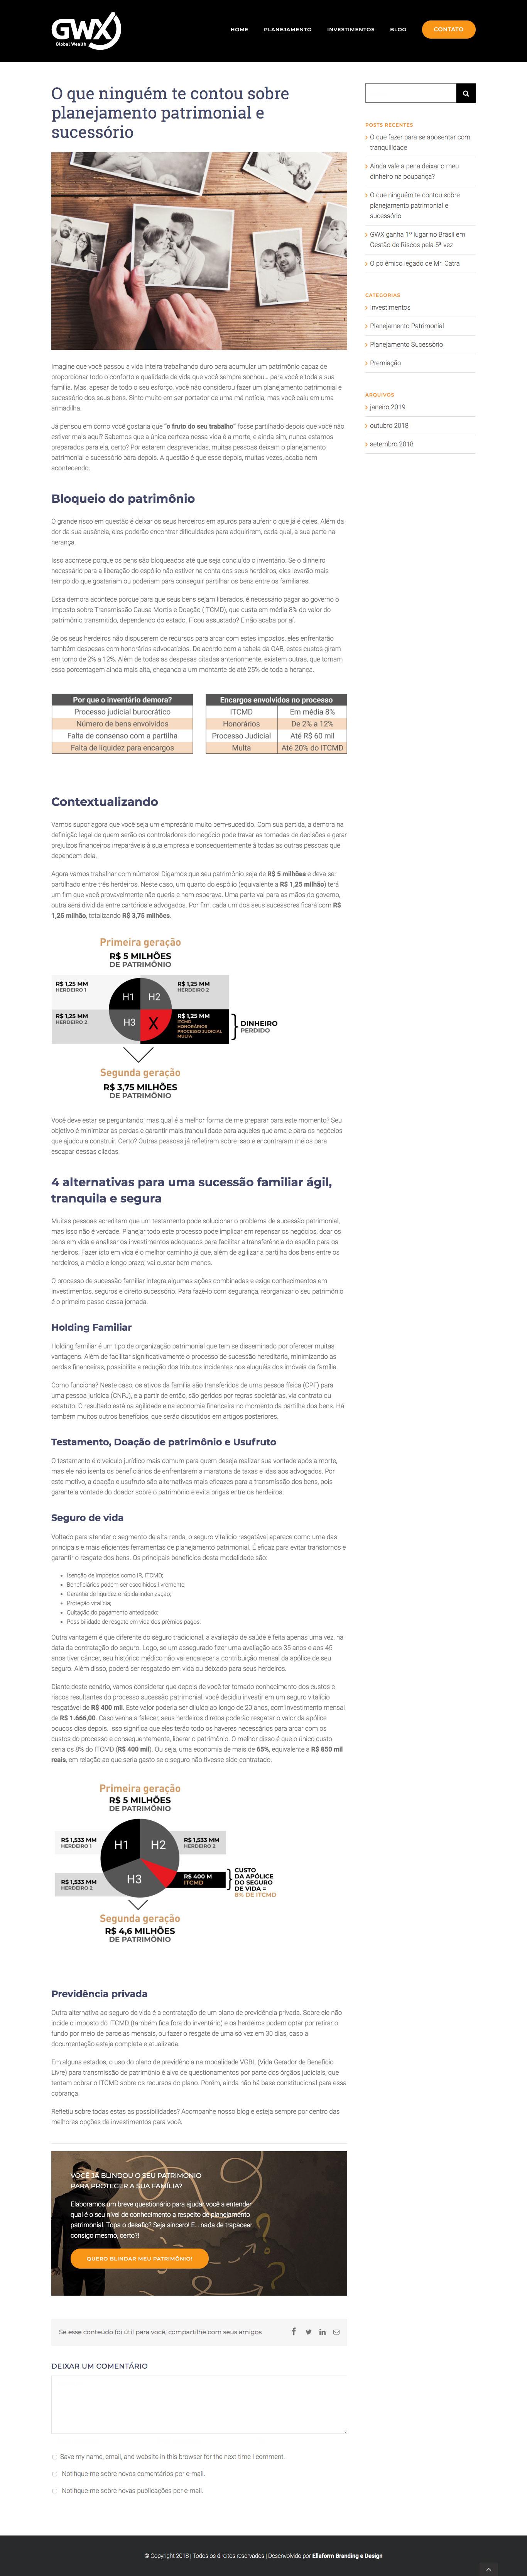 gwx-website06